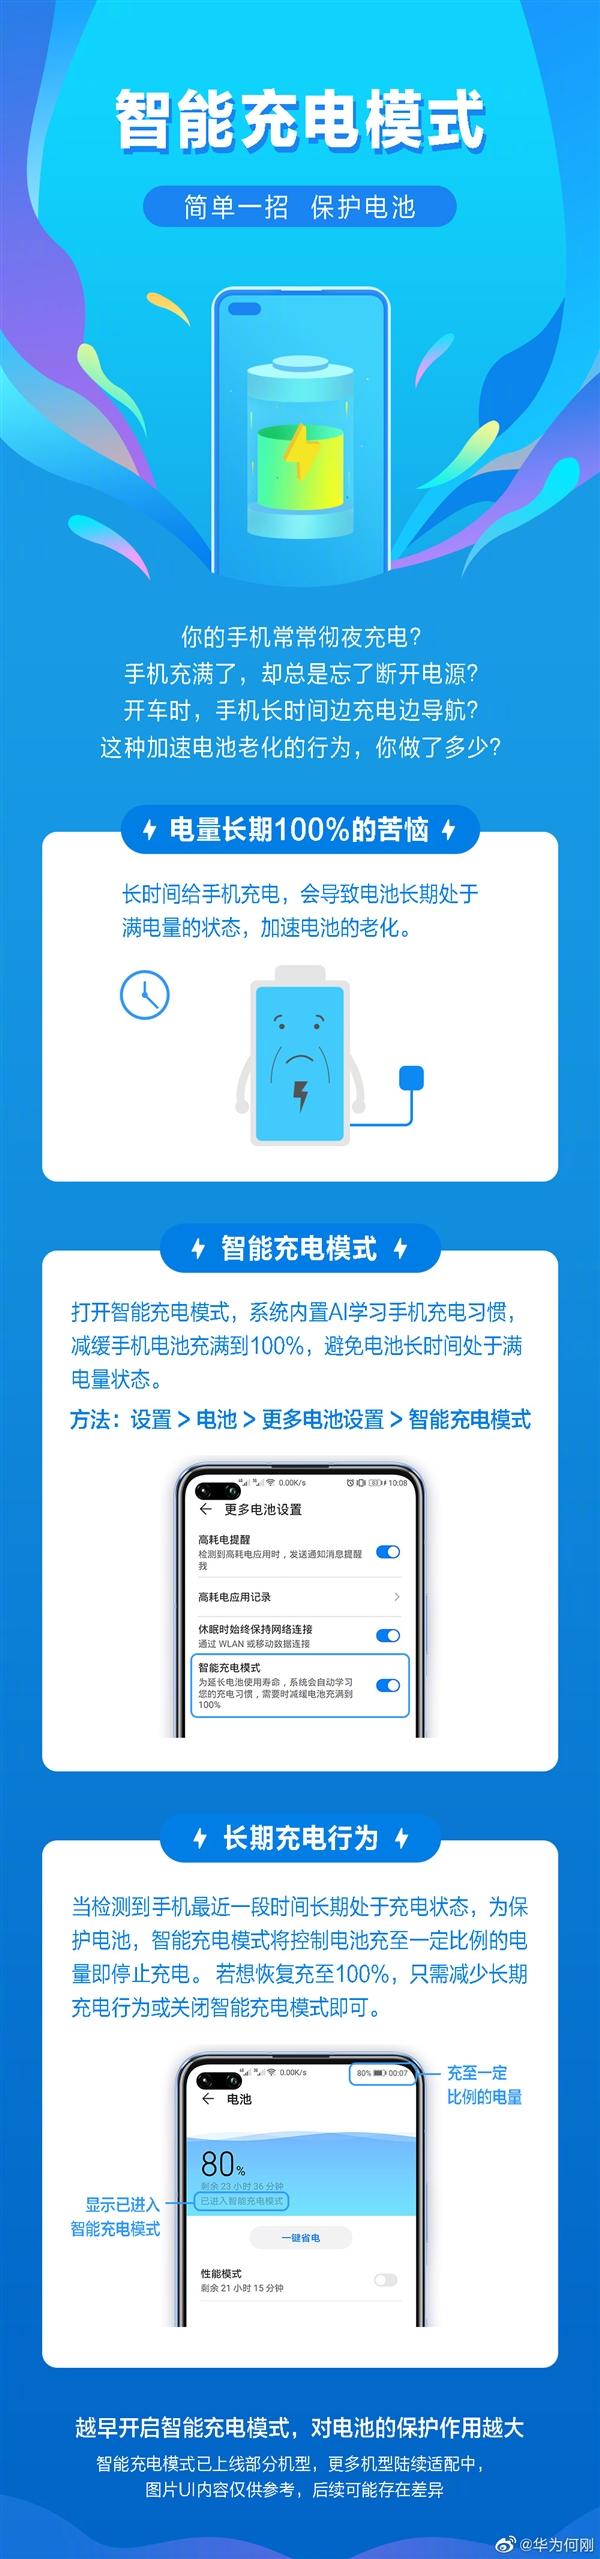 华为手机上线智能充电模式:有效缓解电池老化